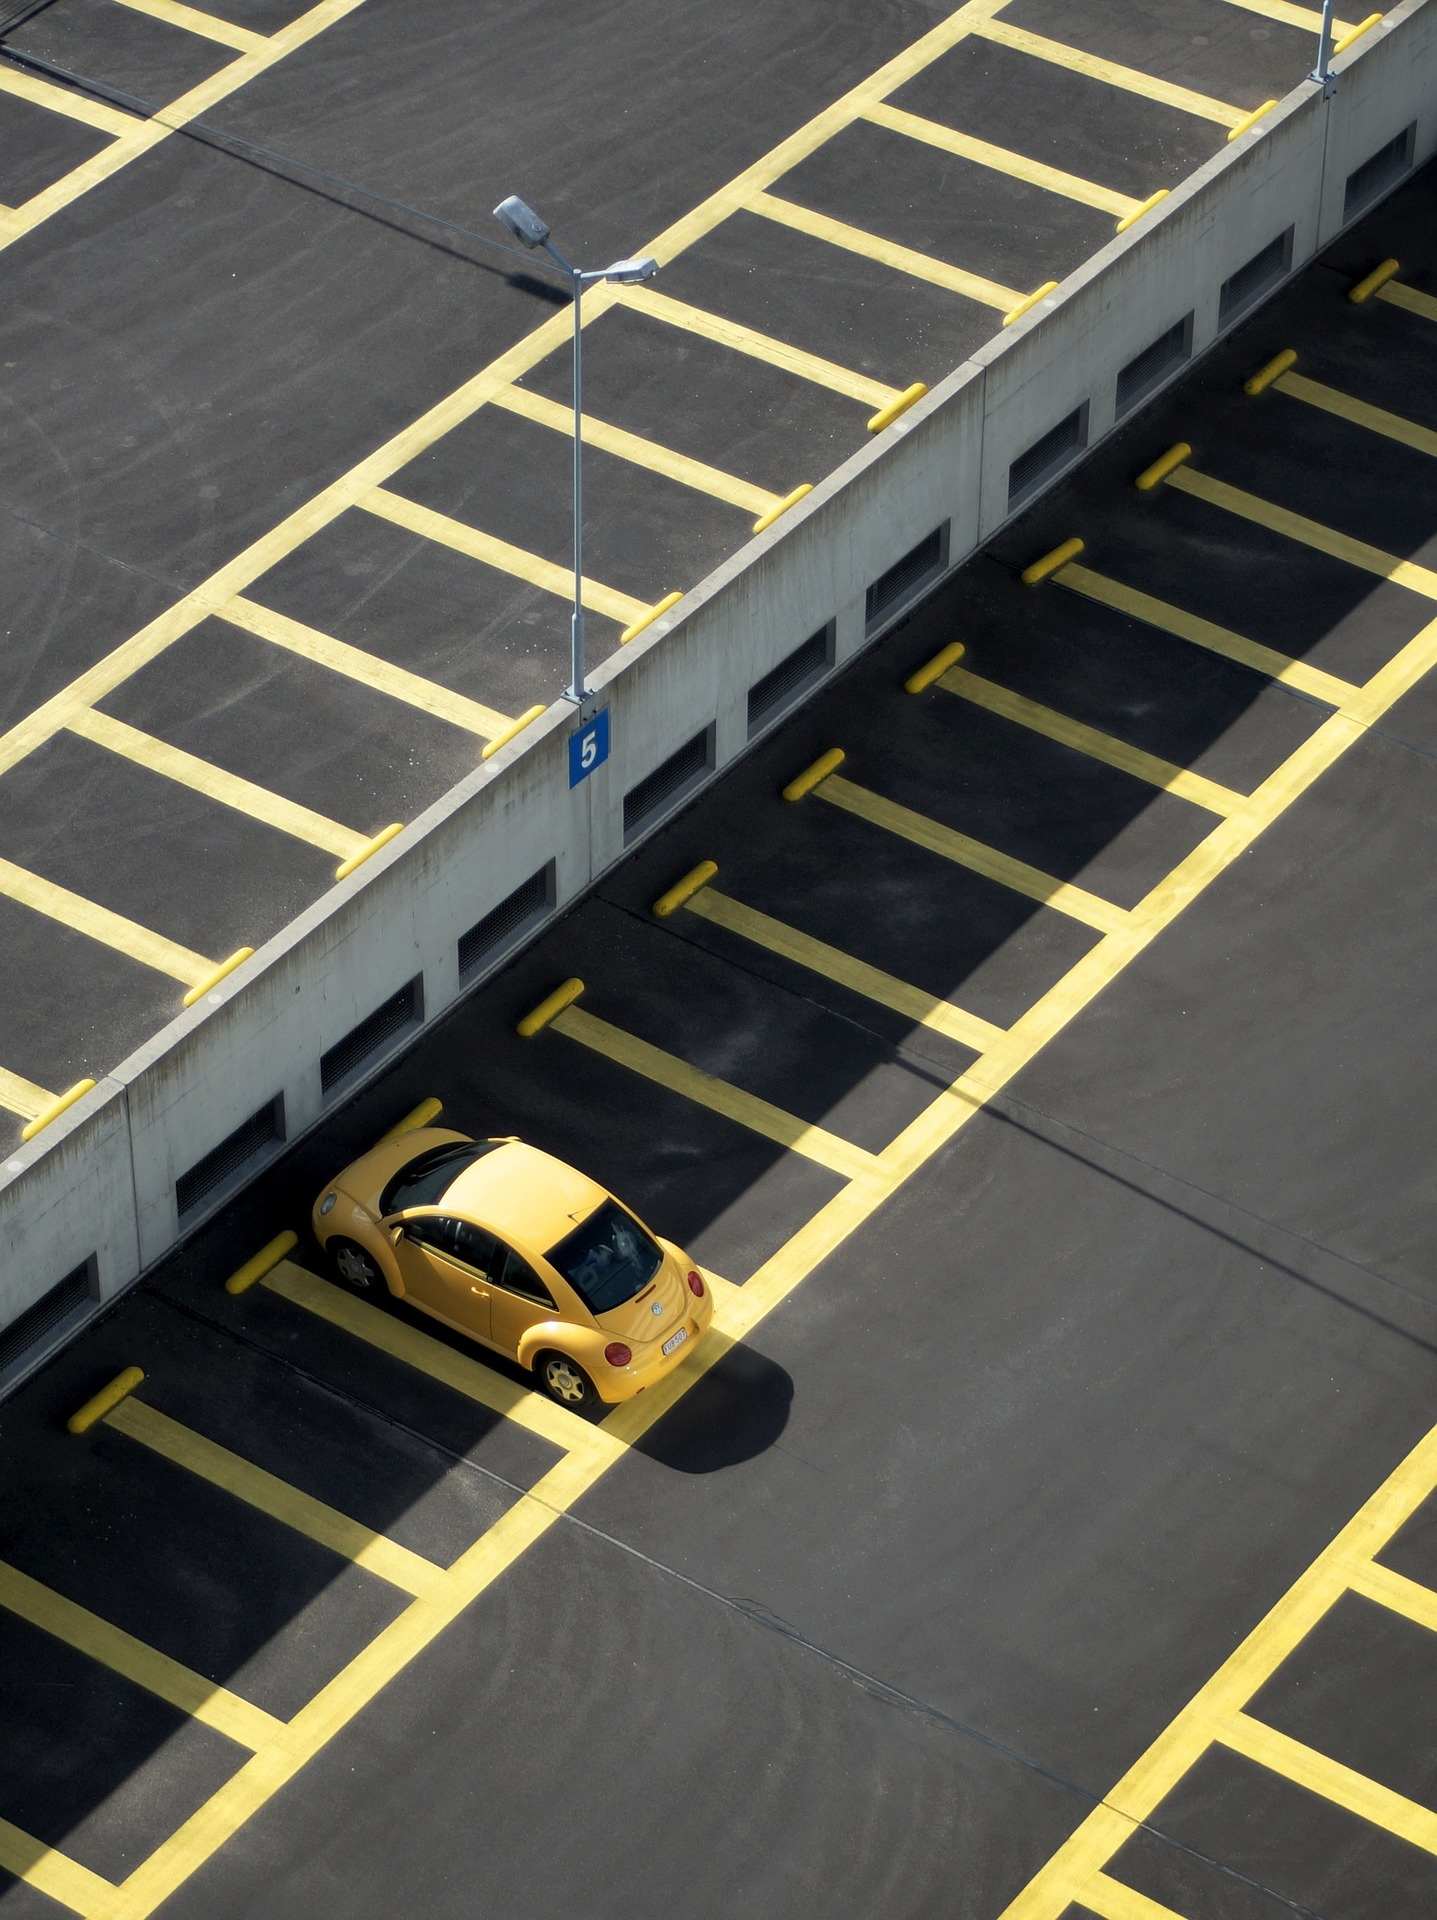 【駐車場でのドアパンチ】まさかの事態に車両保険は使えるのか